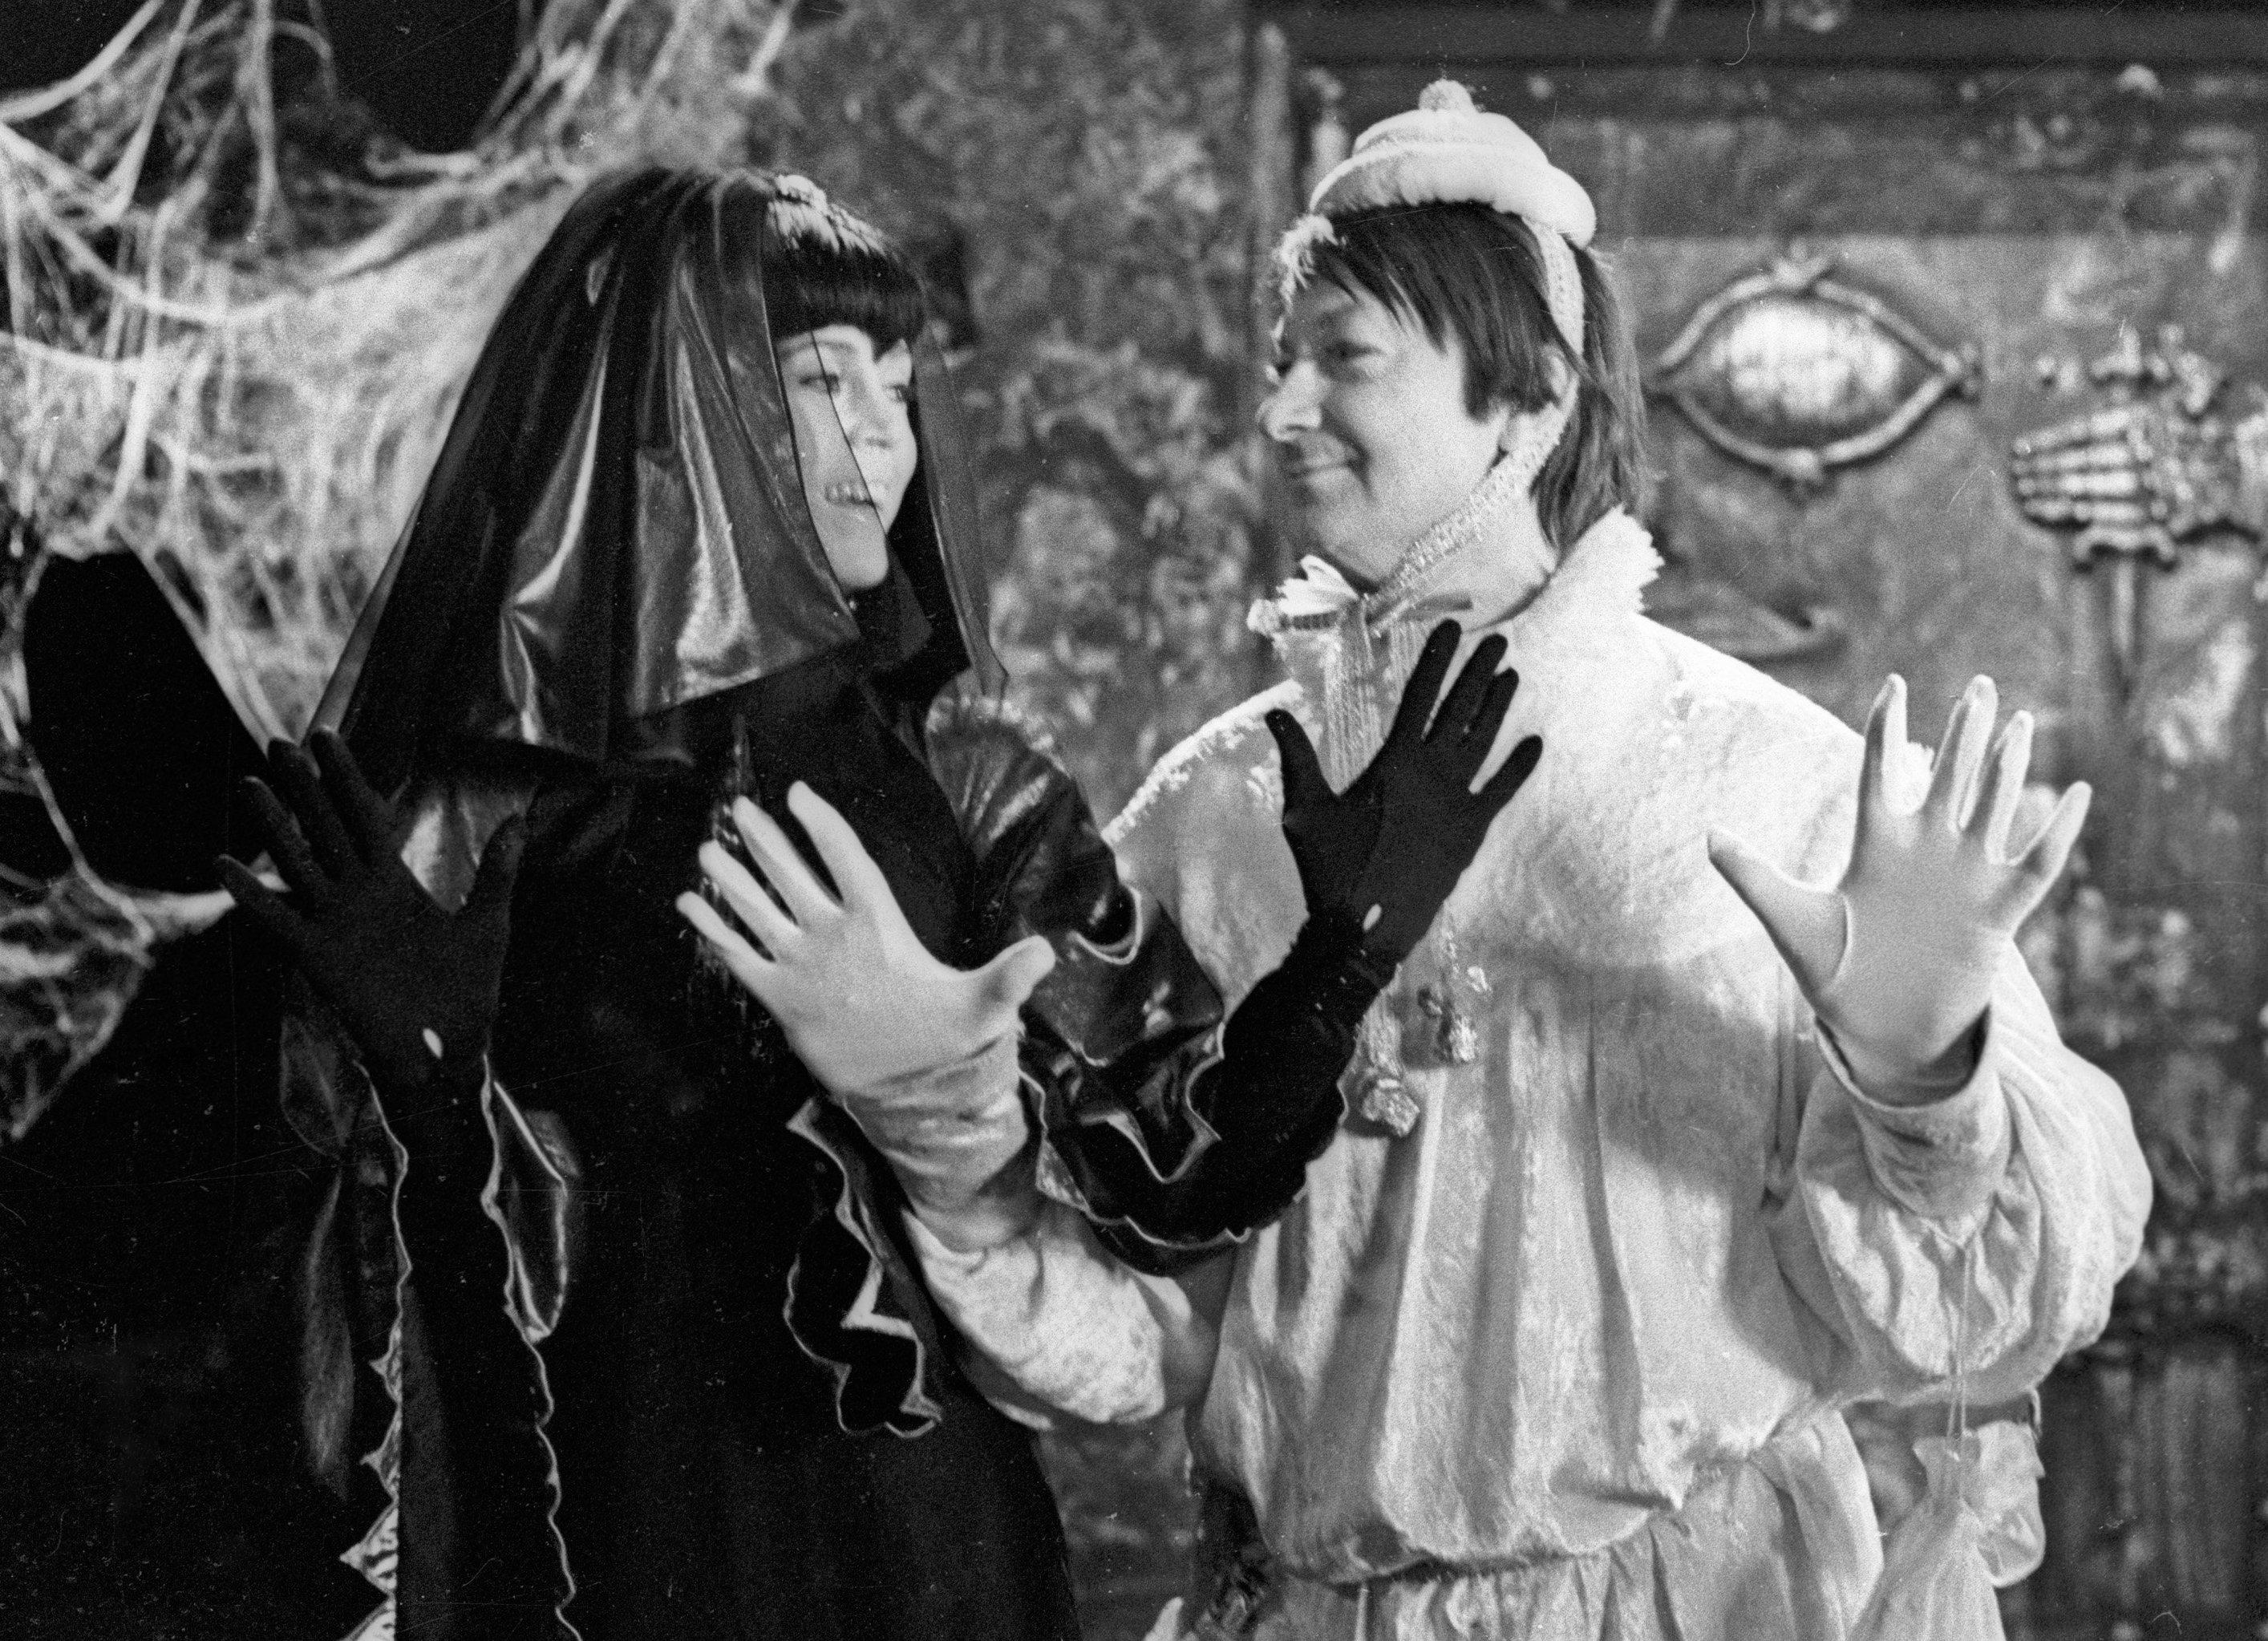 Актриса Джейн Фонда (слева) в роли Ночи и актер Георгий Вицин (справа) на съемках фильма Синяя птица